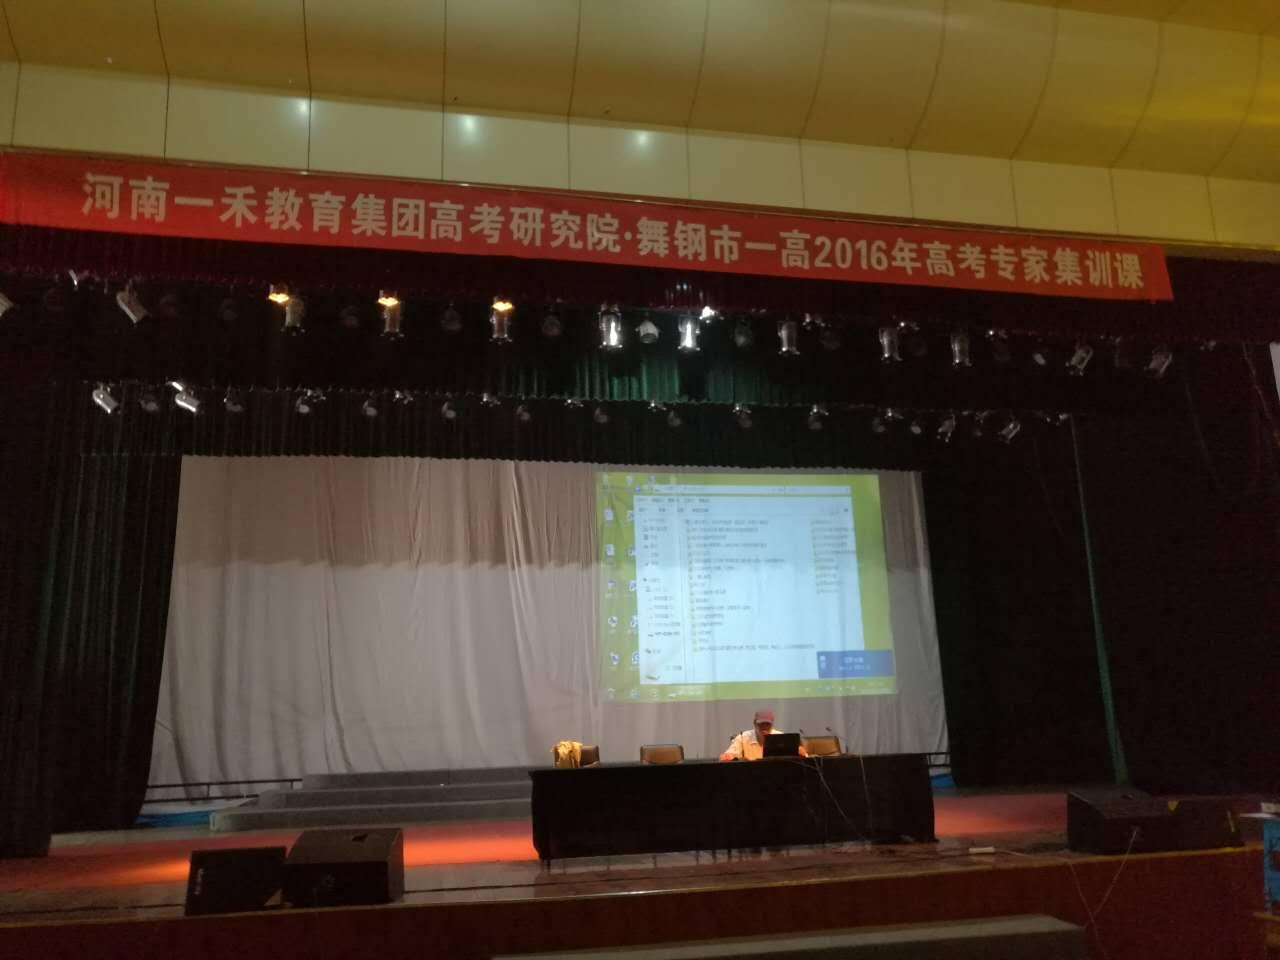 河南必威官方网页必威中国网站集团2016年高考集训舞钢市专场